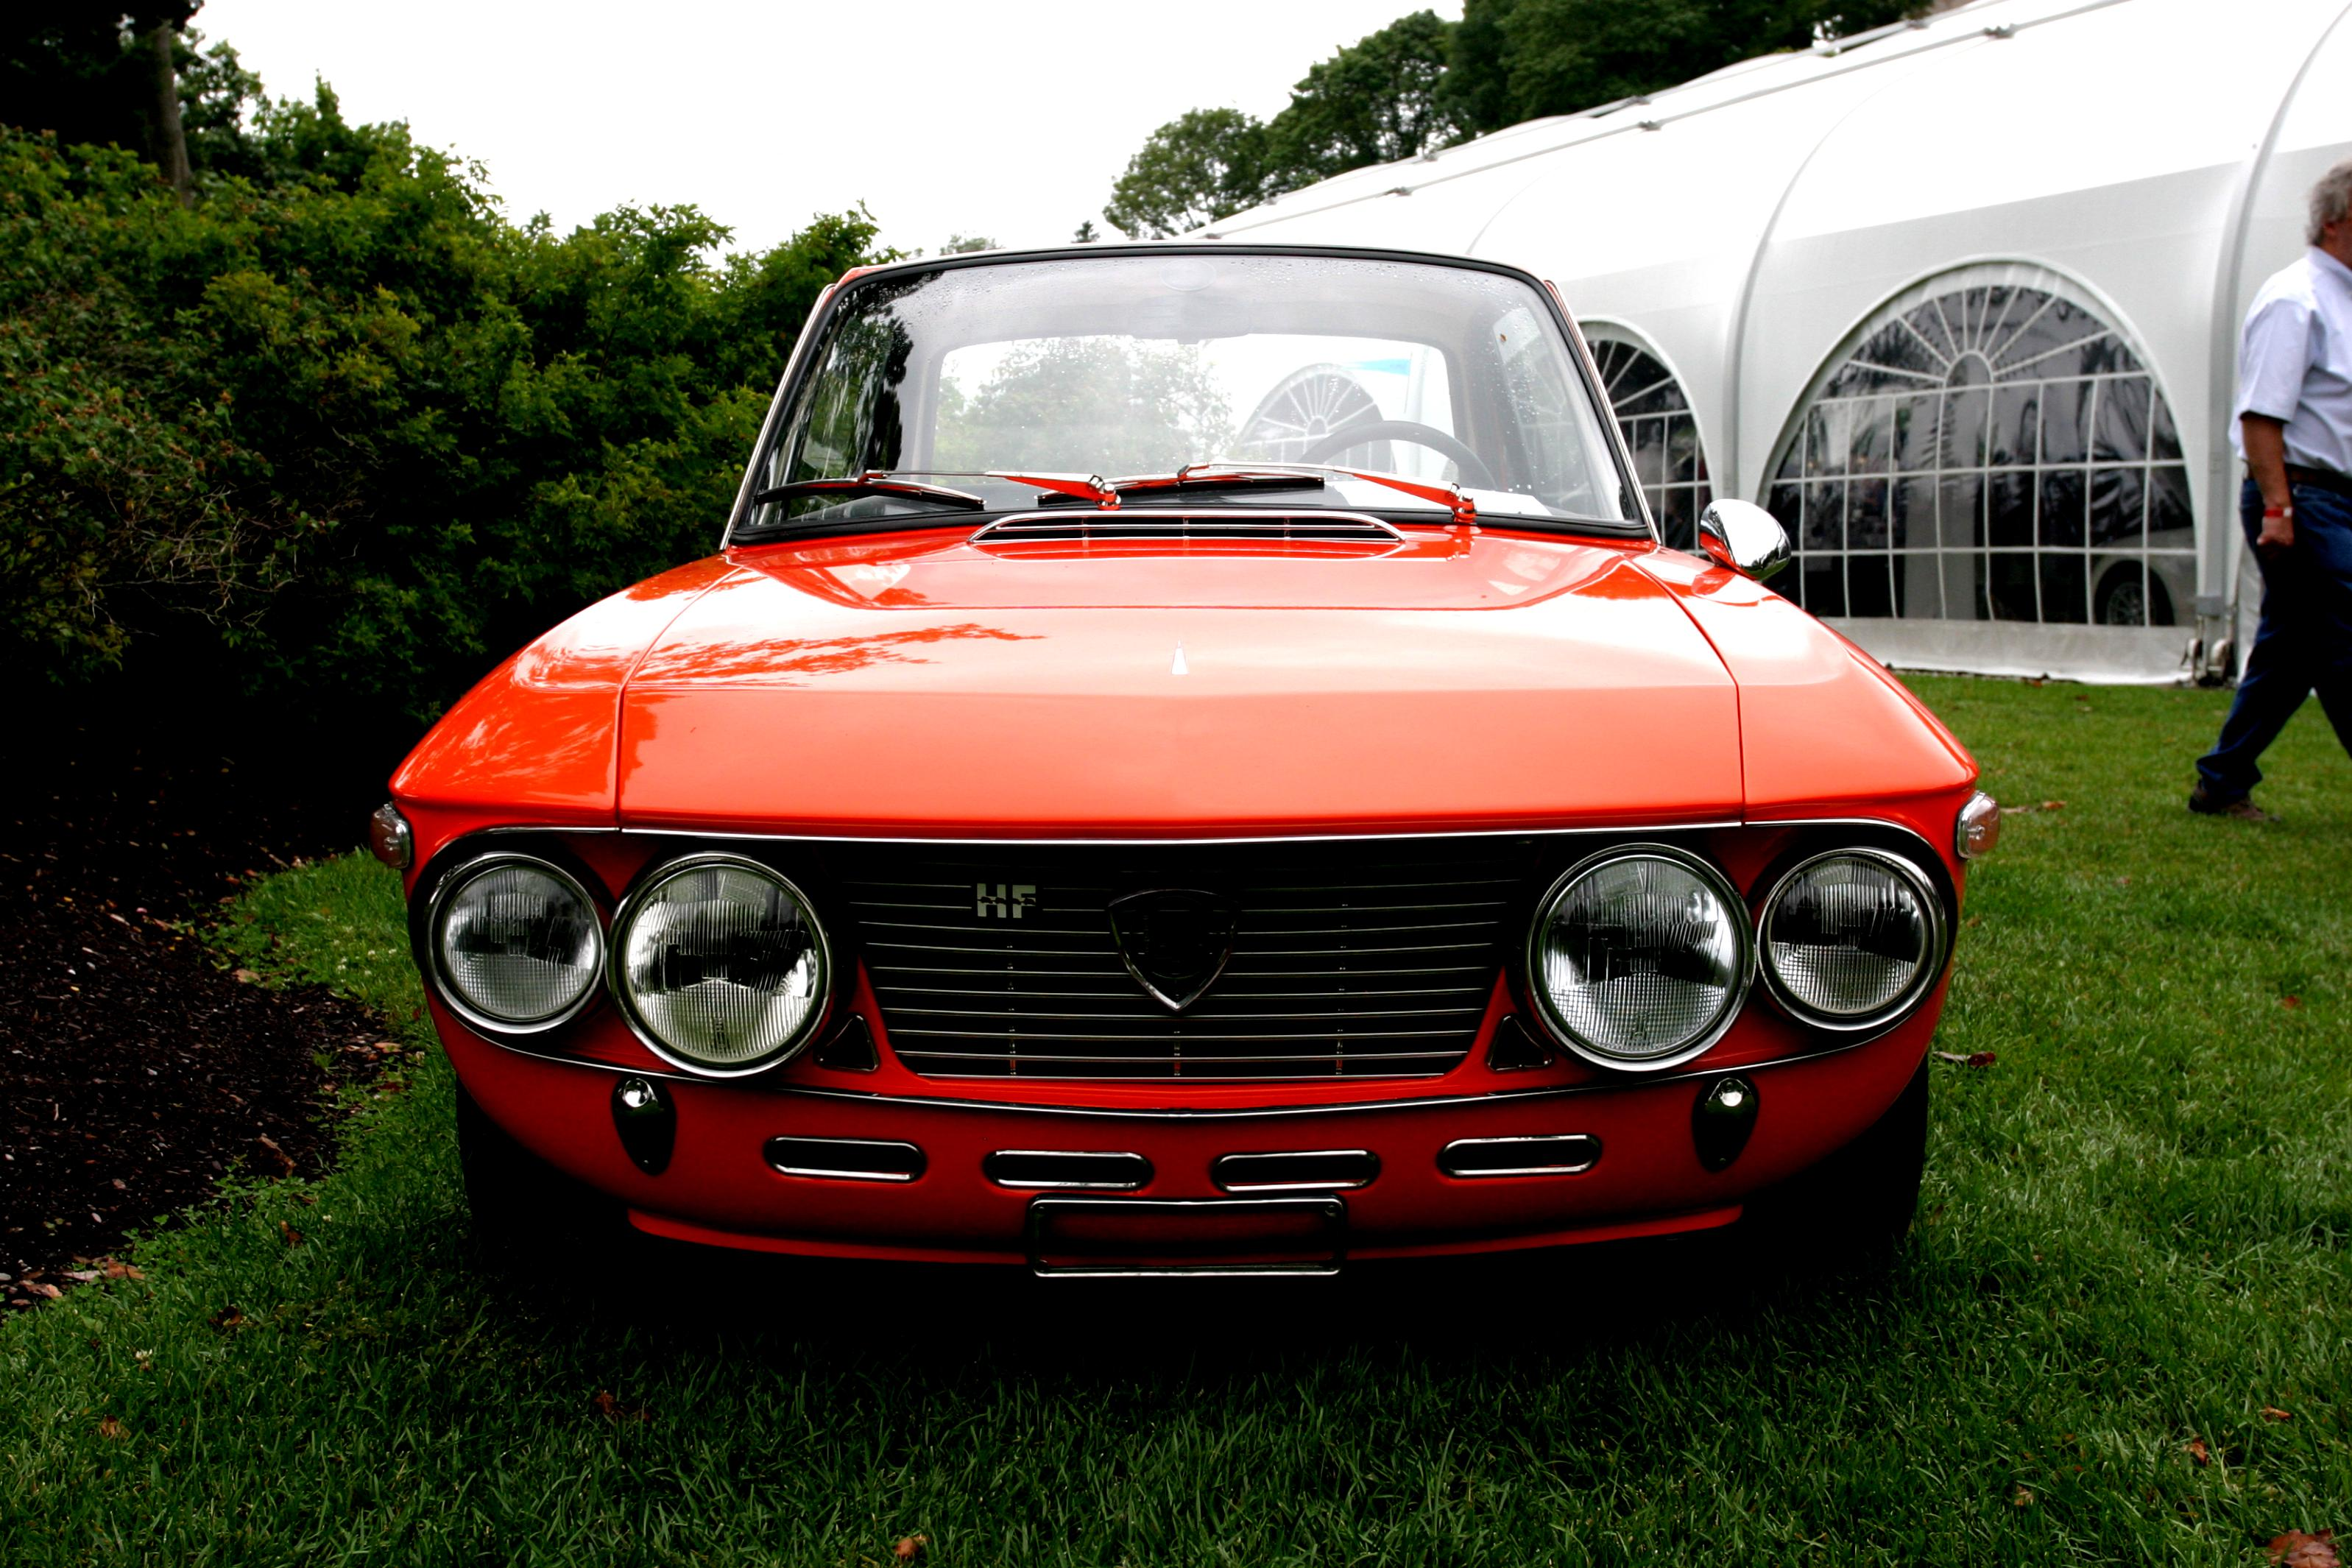 https://motoimg.com/images/lancia-2000-coupe-1971-01.jpg